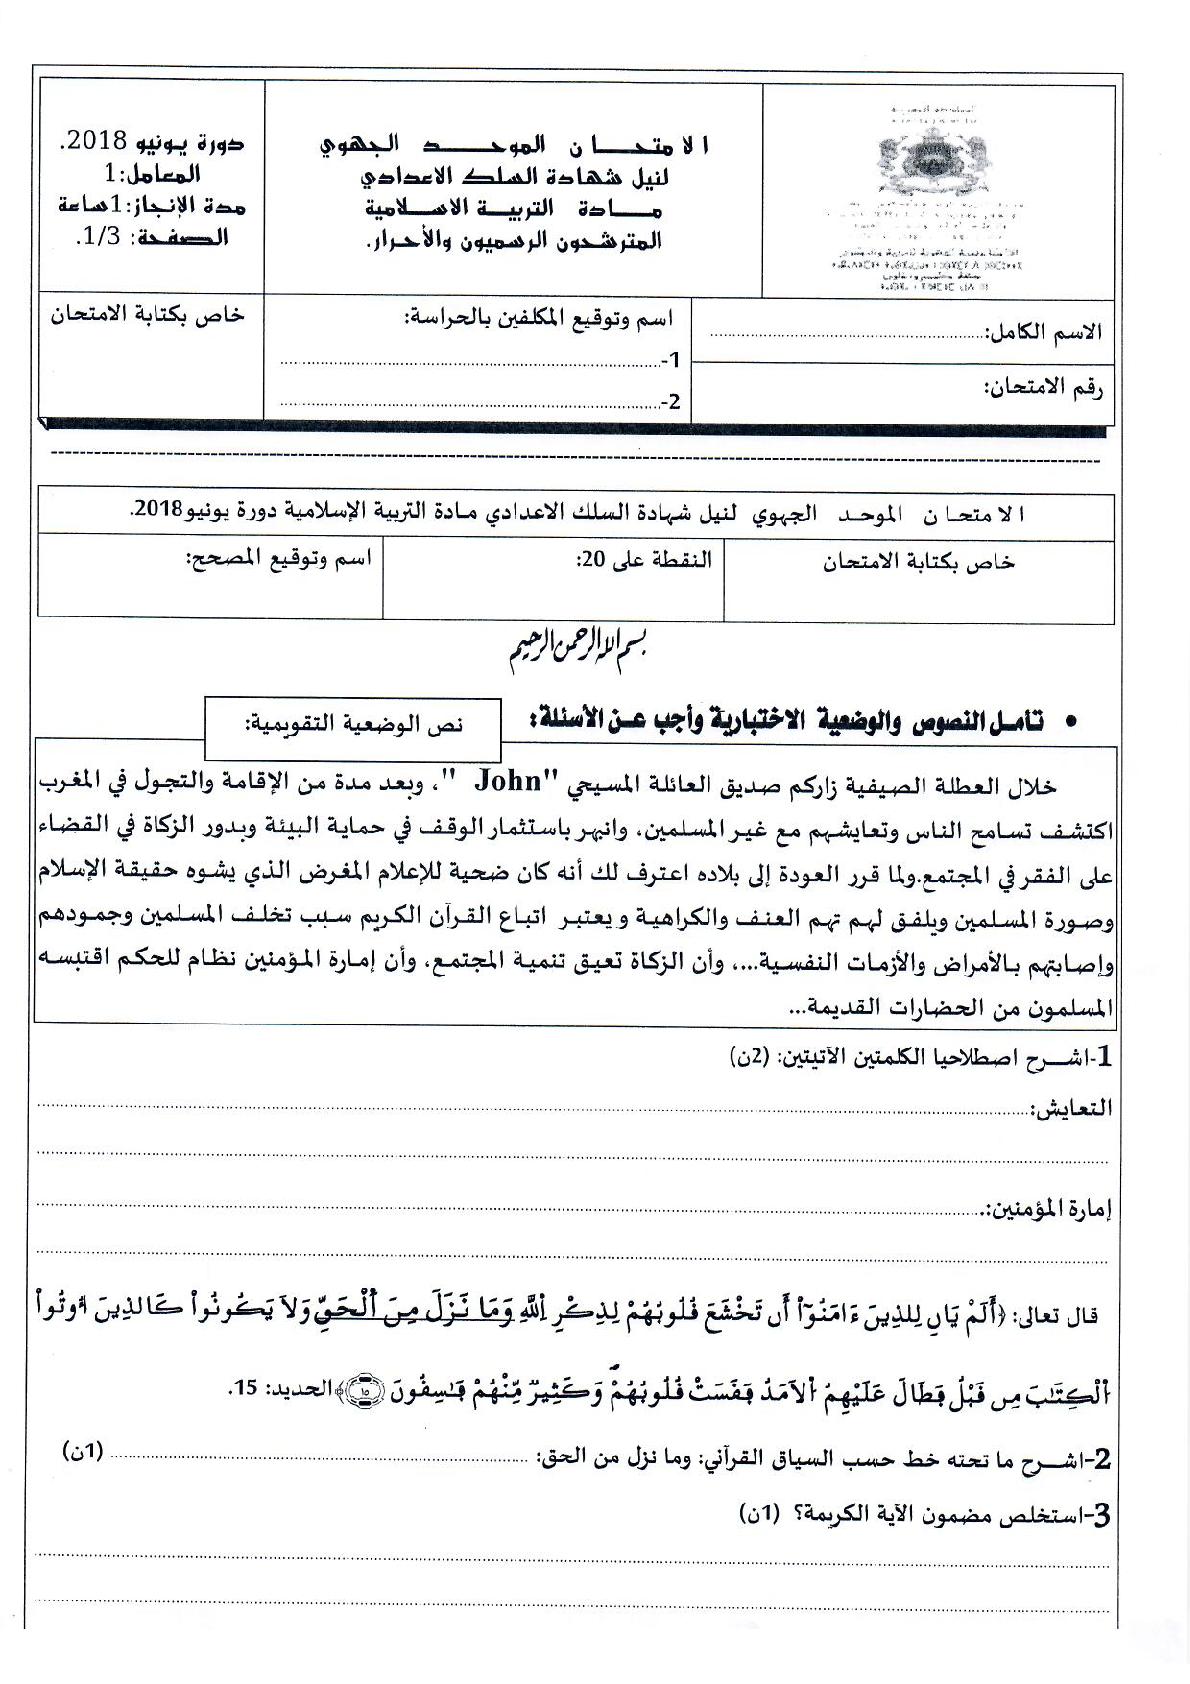 الإمتحان الجهوي في التربية الإسلامية 2018 جهة كلميم واد نون مع التصحيح